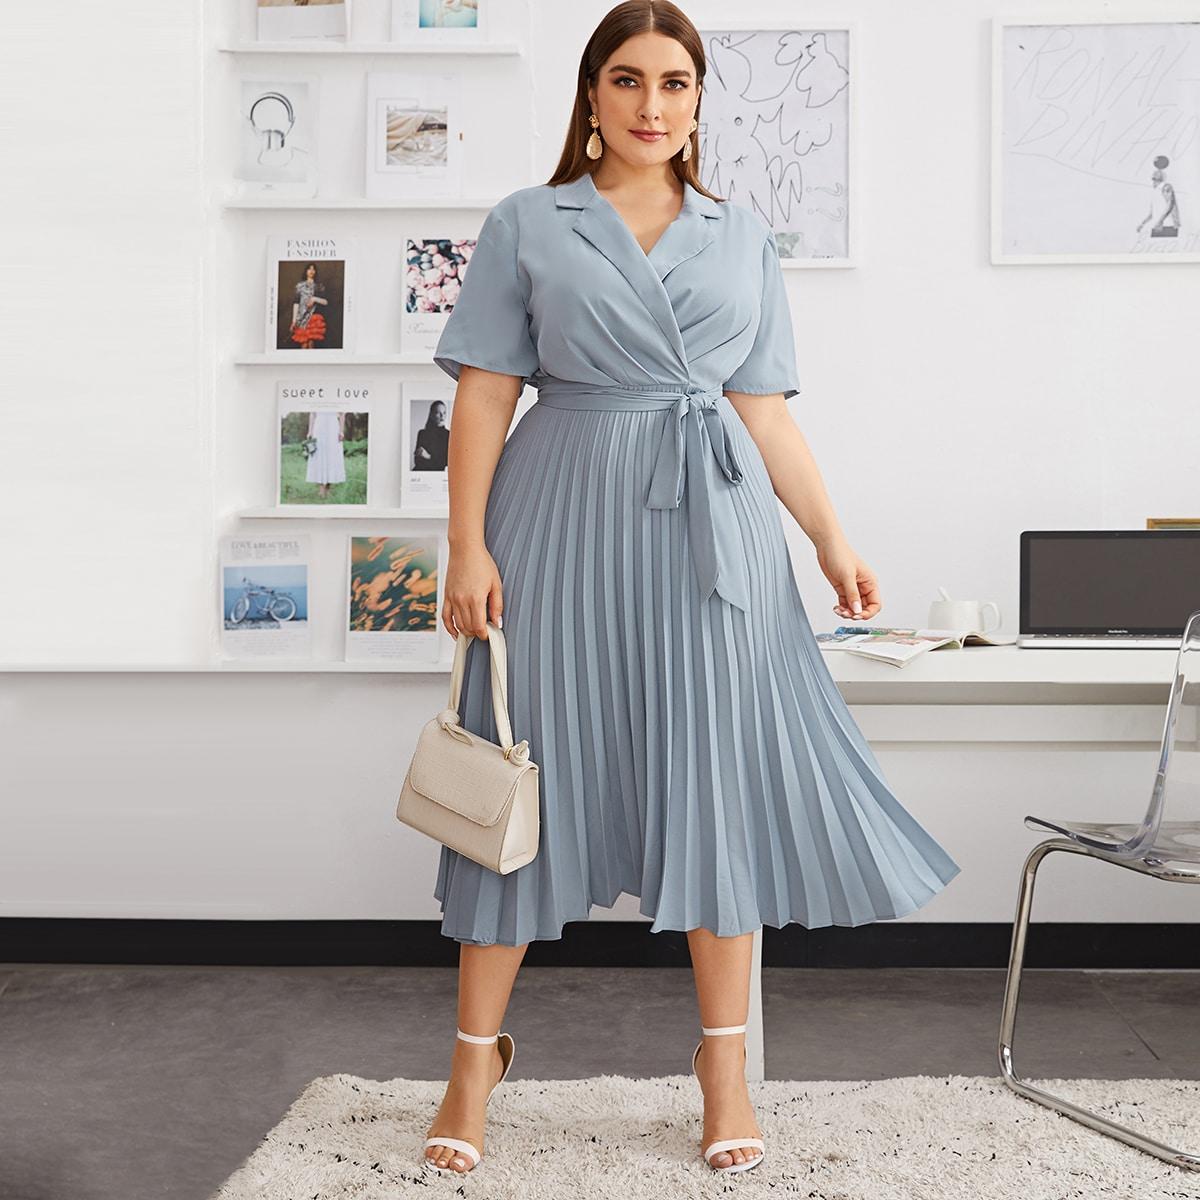 SHEIN / Große Größen - Hemdkleid mit Selbstgürtel und Falten